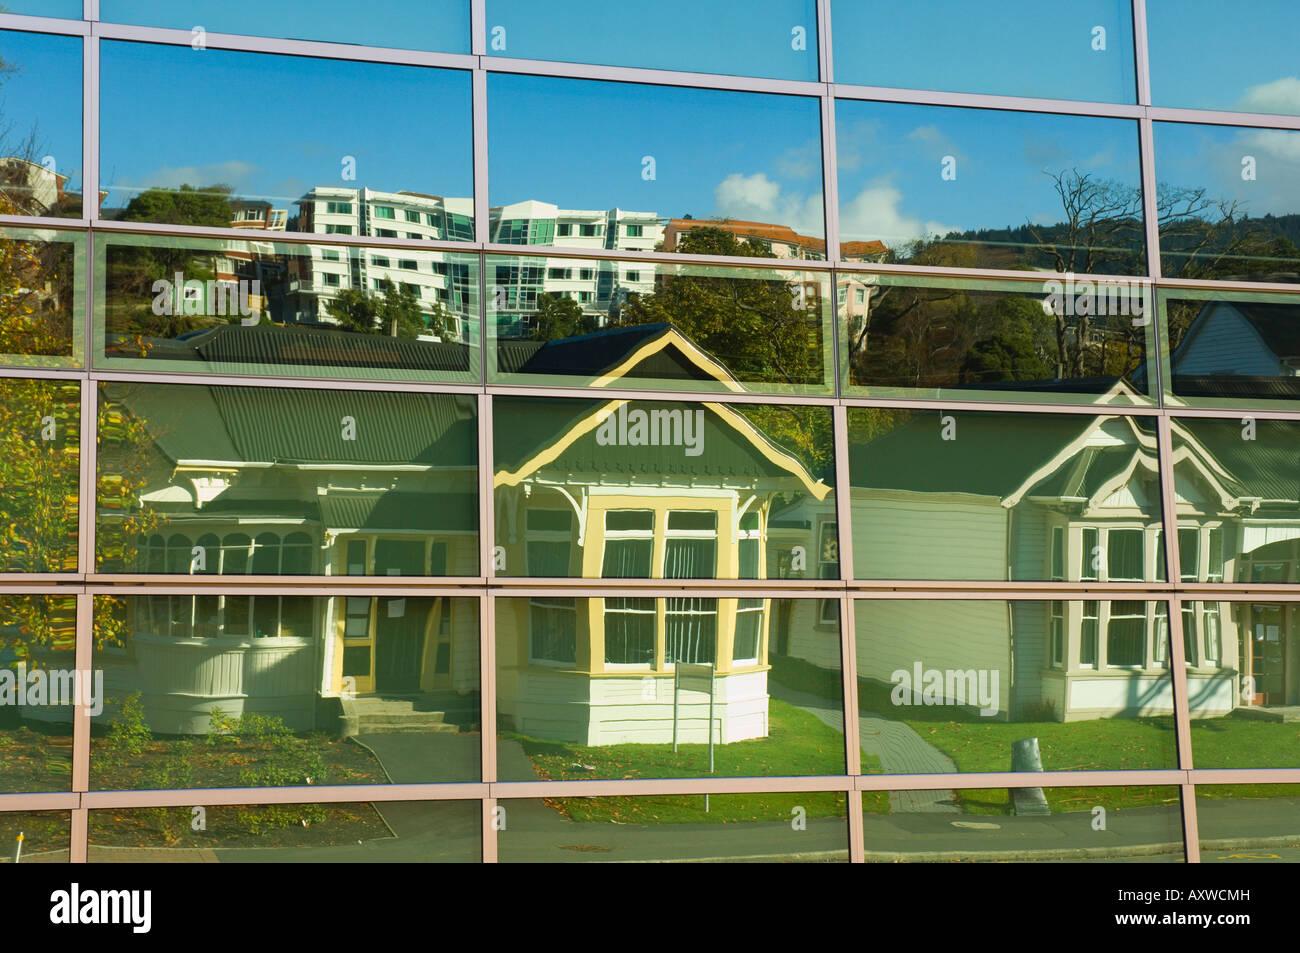 Maisons qui se reflètent dans windows, Dunedin, Otago, île du Sud, Nouvelle-Zélande, Pacifique Photo Stock